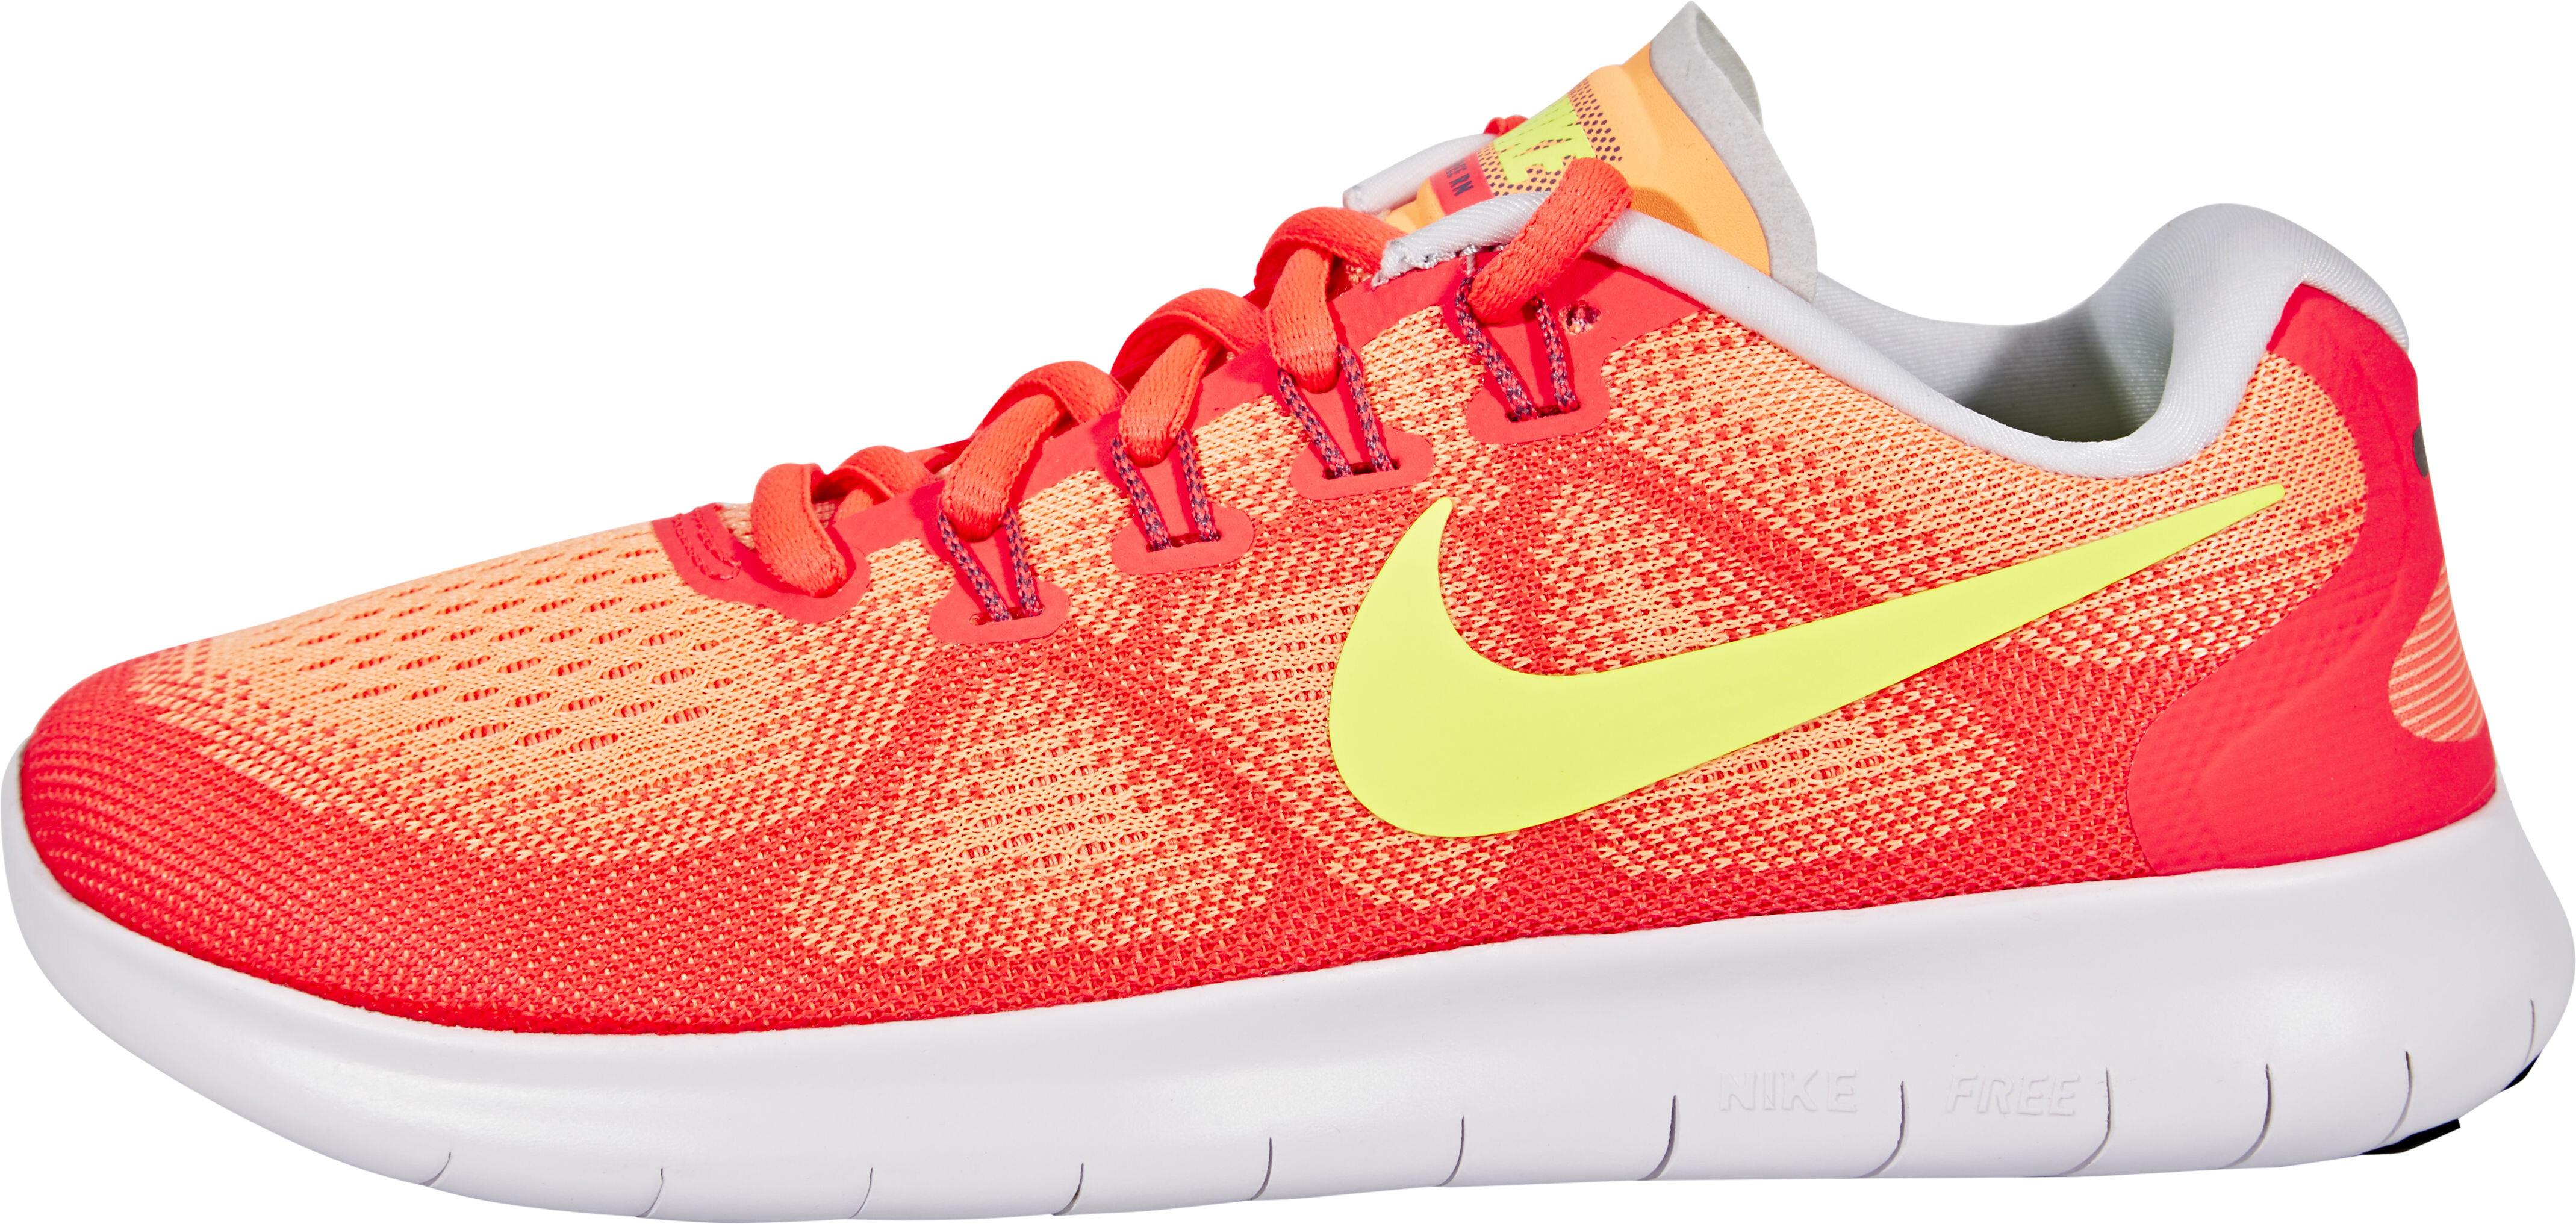 online store b2572 503e5 Nike Free RN 2 Running Running Shoes Women yellow orange